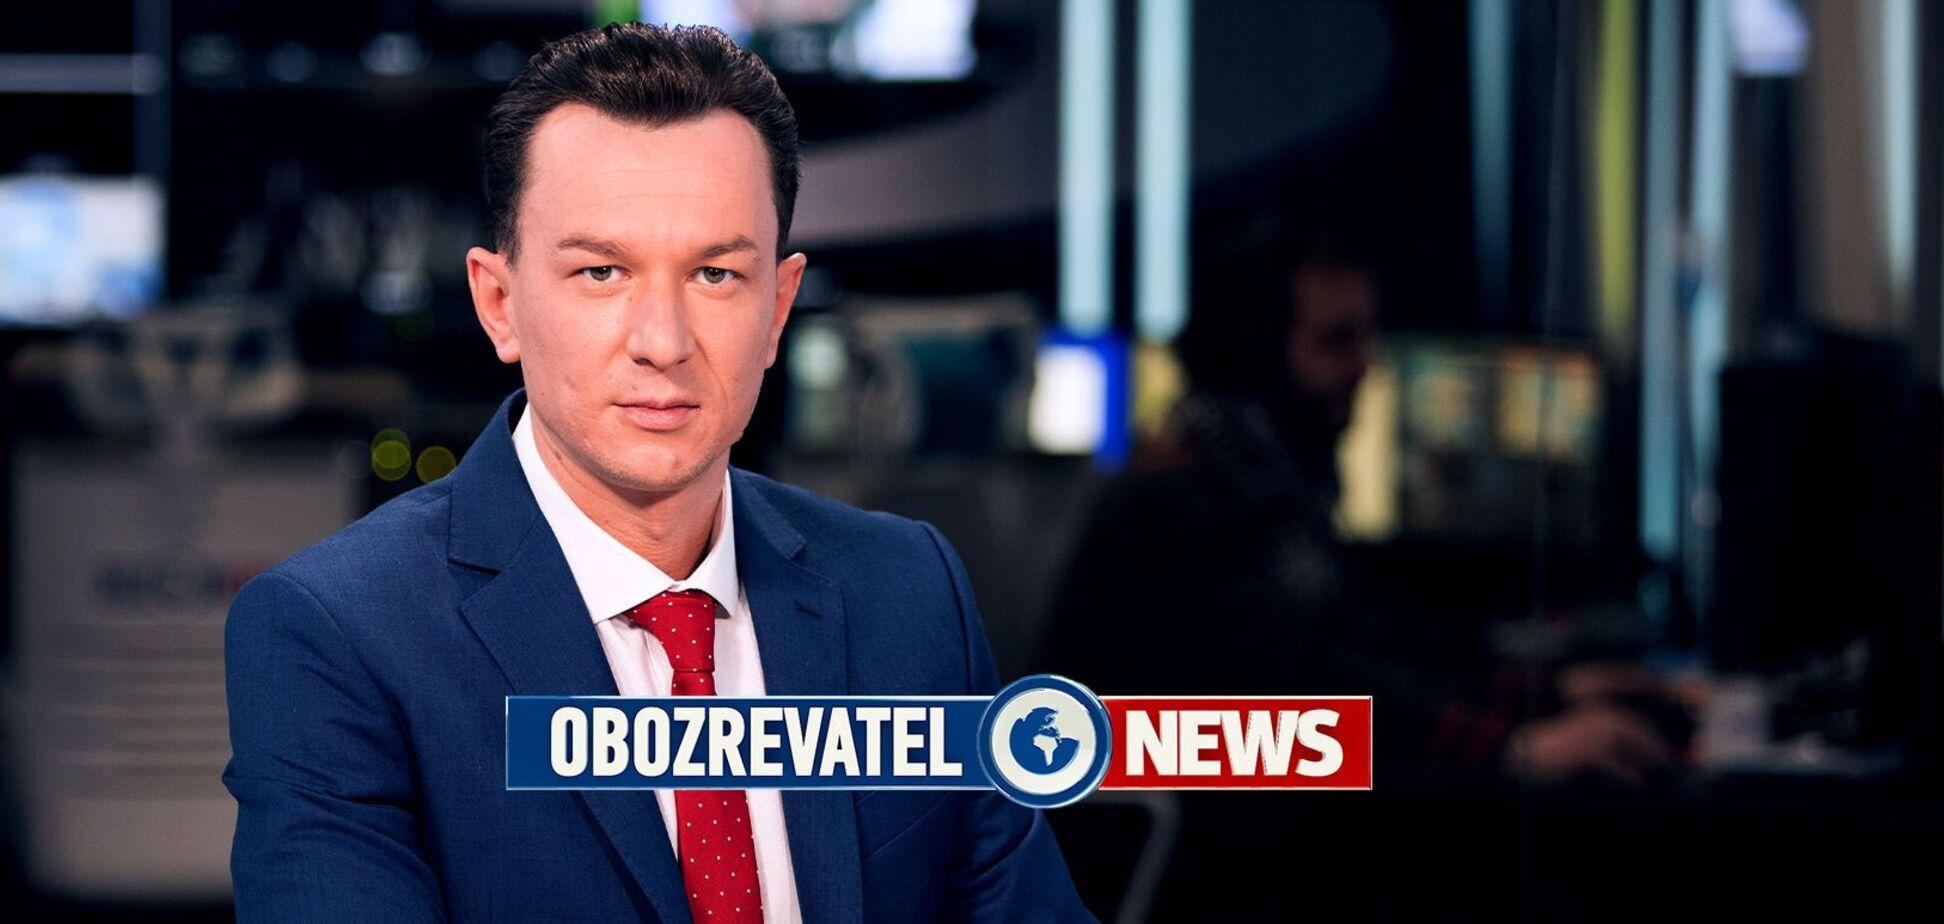 Сесія ЗНО триває, антитерористична операція в метро, суд над суддею Тупицьким, – основні теми короткого огляду новин